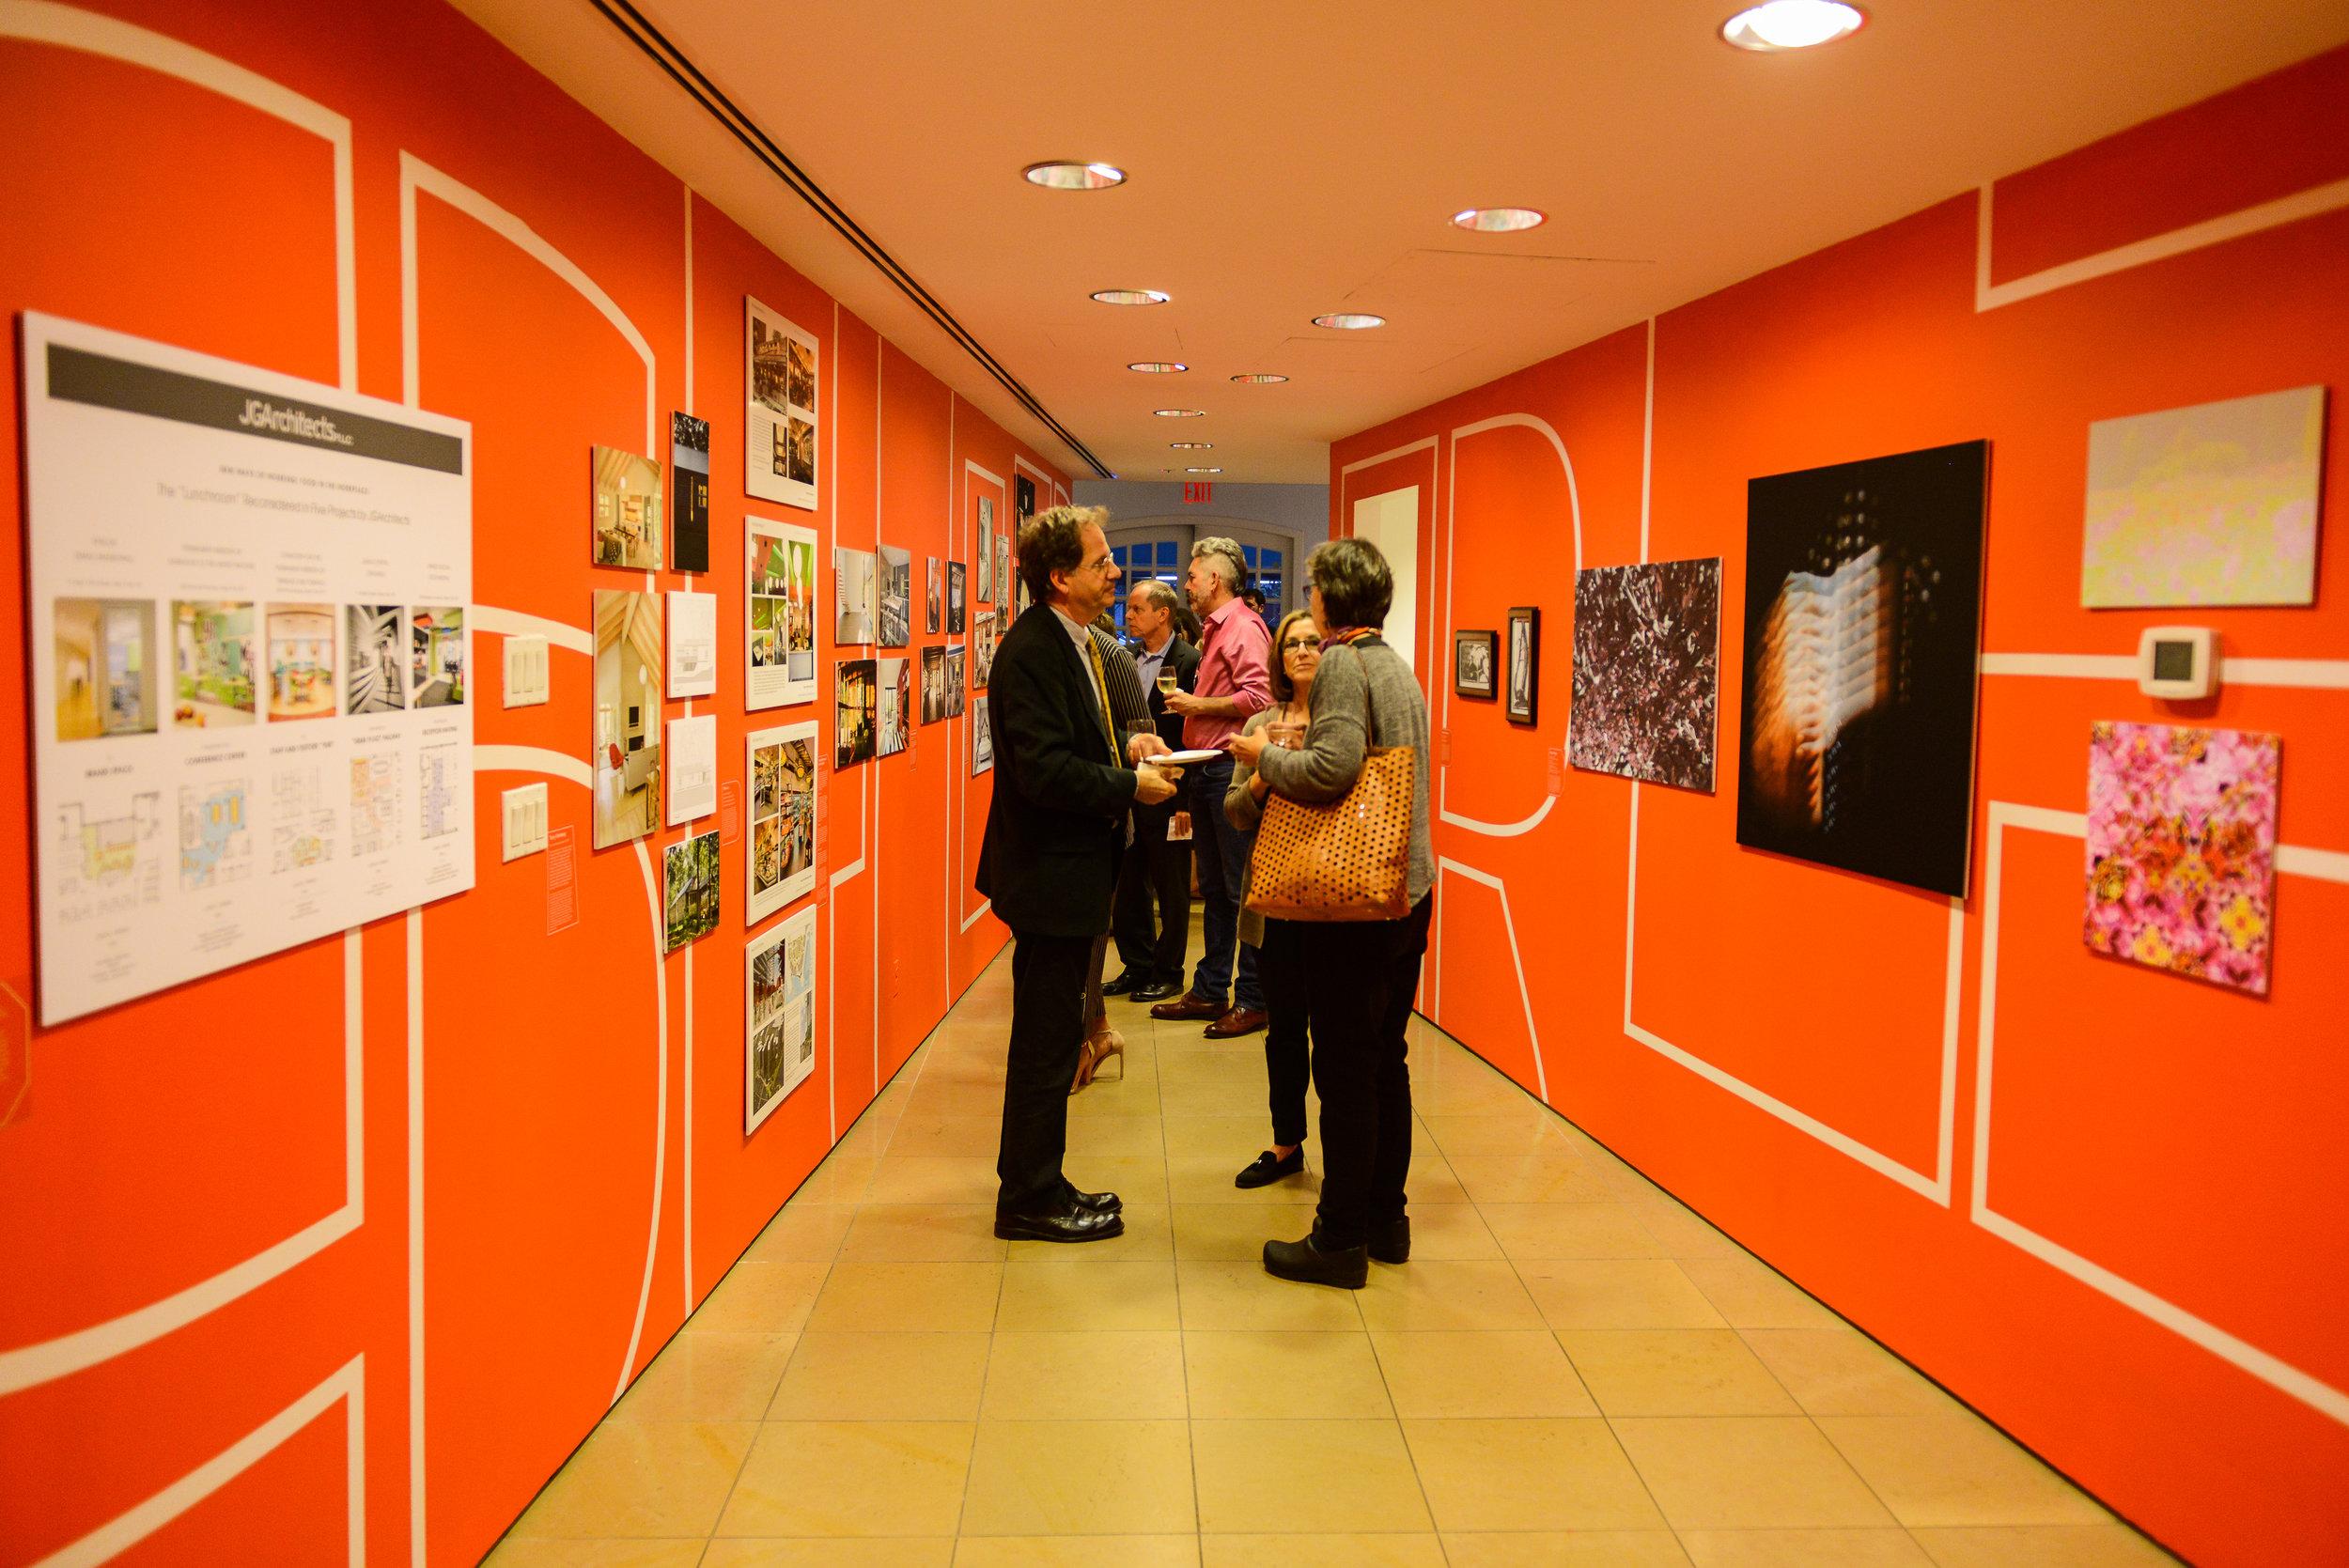 creative-scholarship-a-nysid-faculty-exhibition_36804087704_o[1].jpg